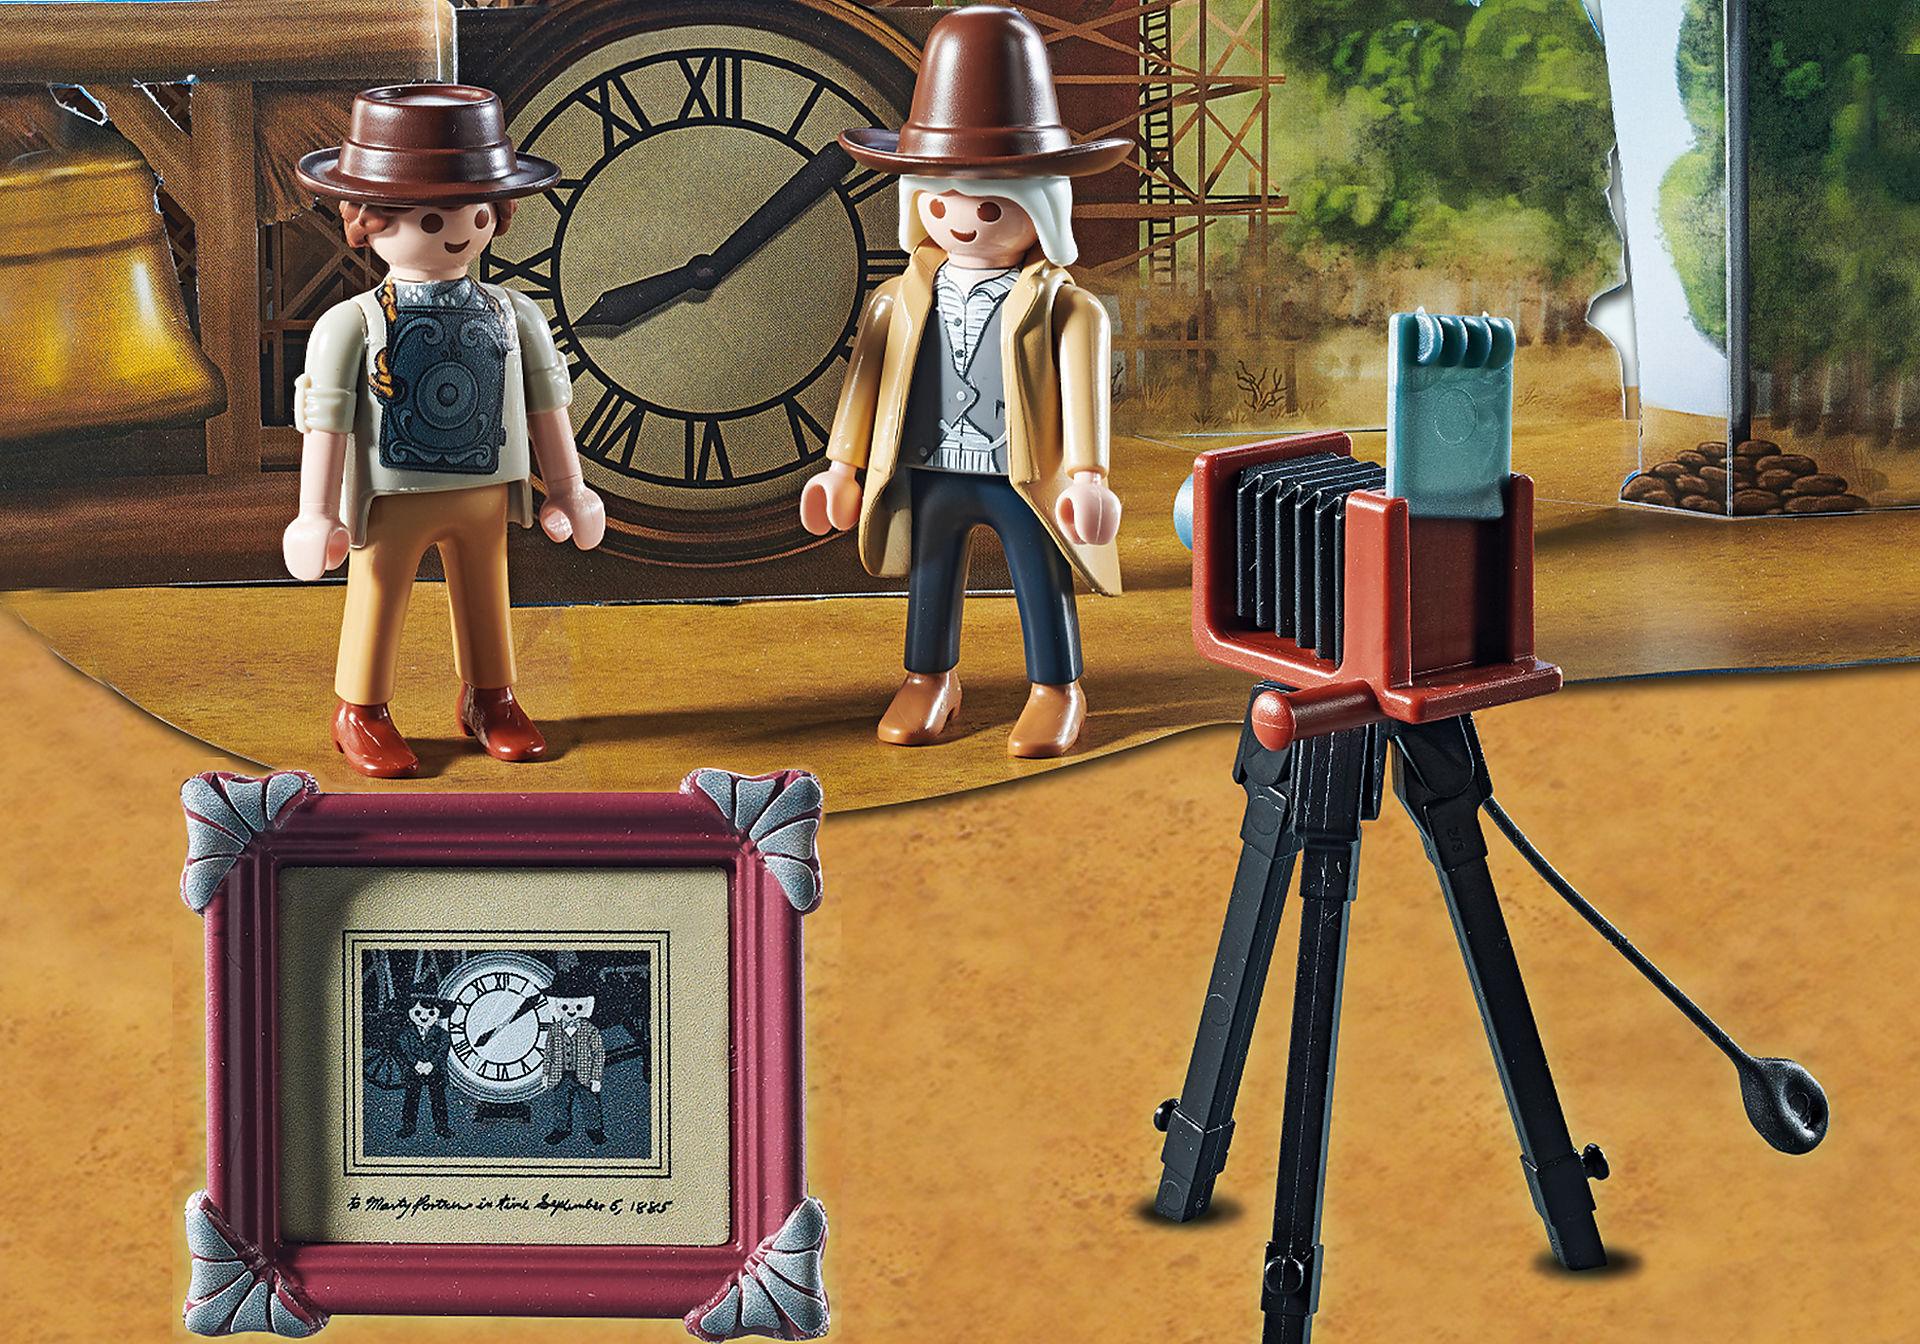 70576 Calendario de Adviento Back to the Future Parte III zoom image5